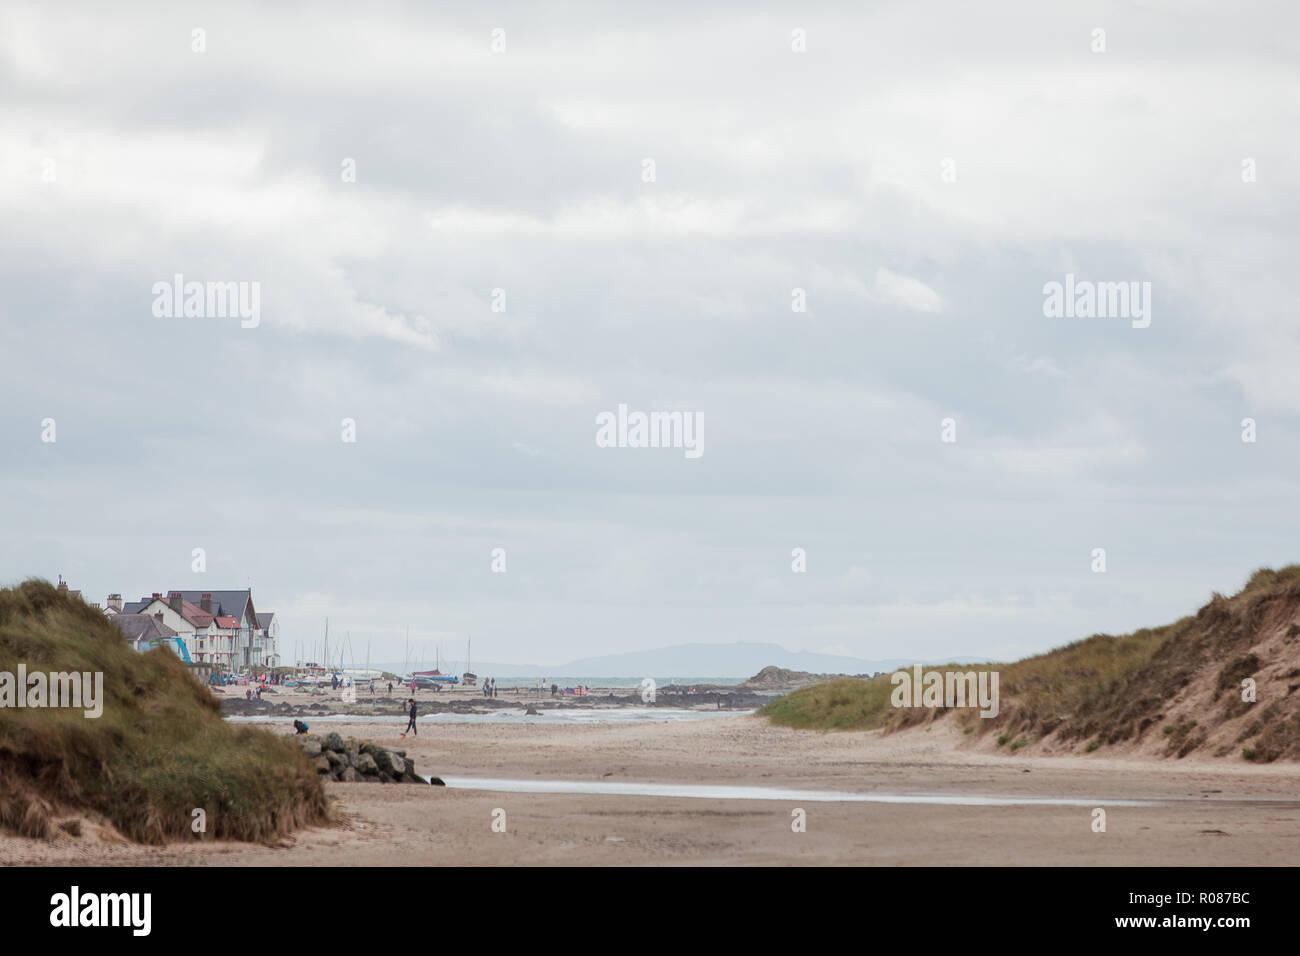 Vista di Rhosneigr da attraverso le dune di sabbia sulla spiaggia Cymyran, Anglesey, Galles del Nord, Regno Unito Foto Stock